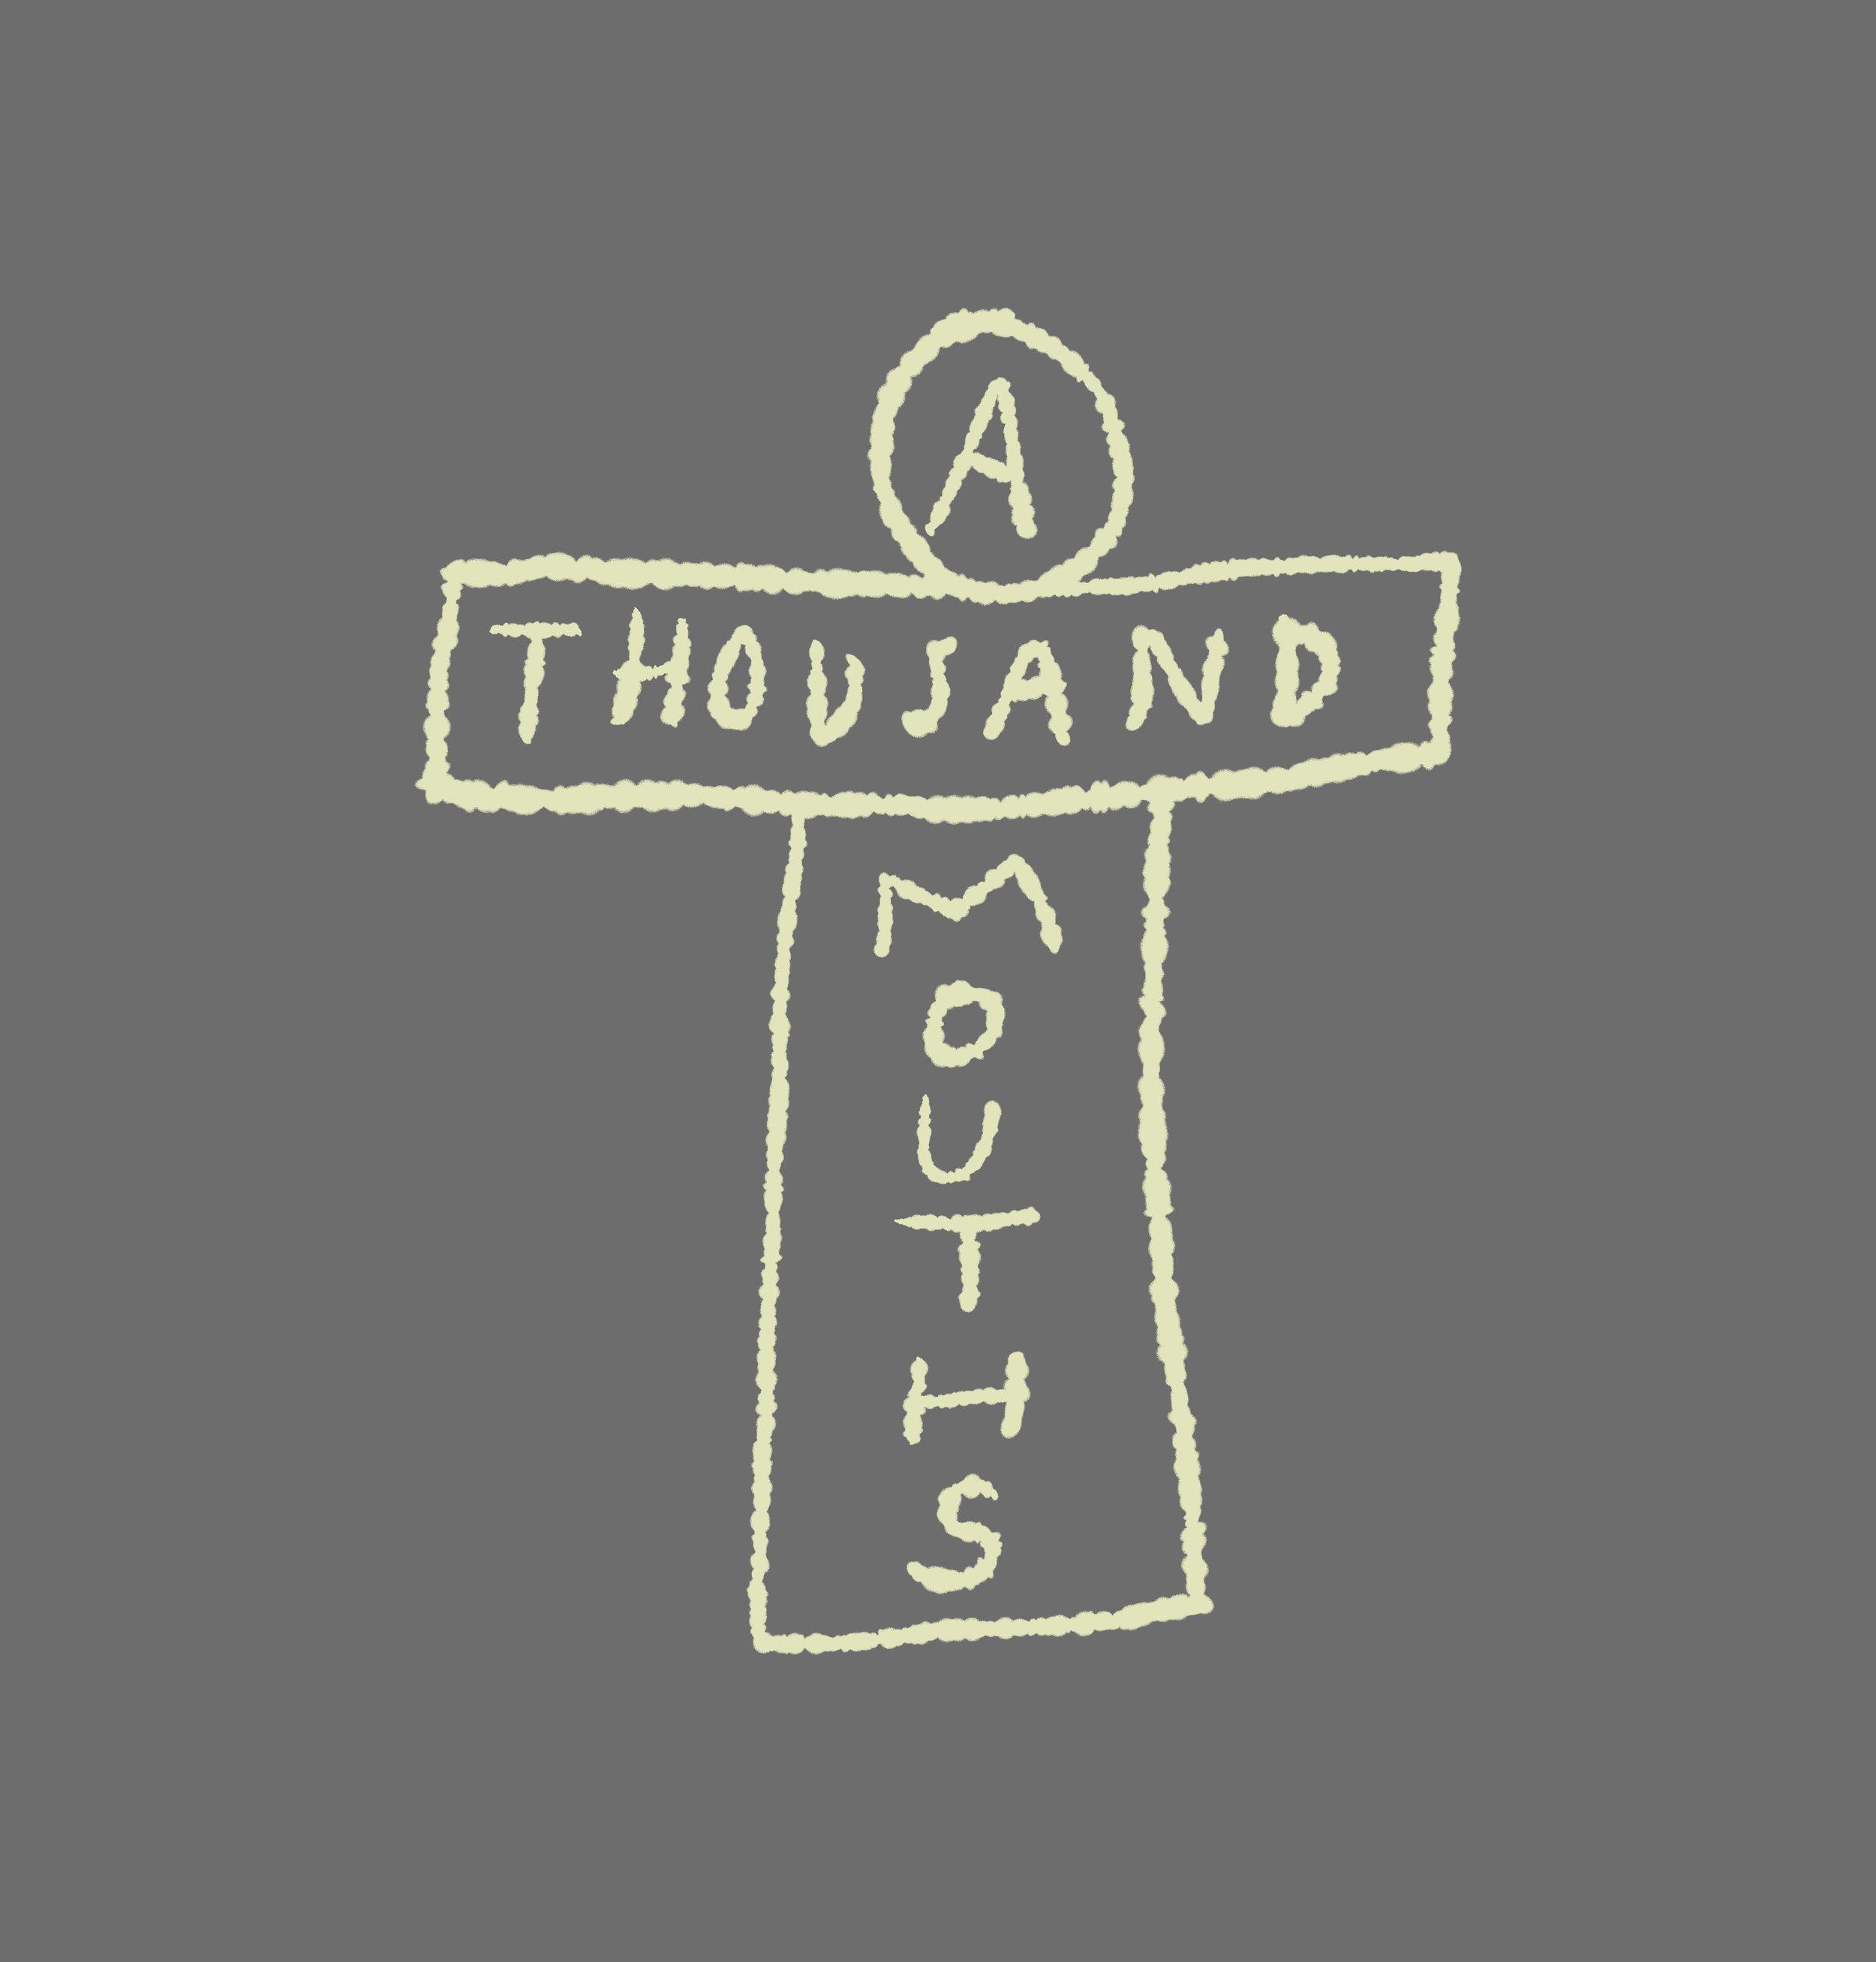 A Thousand Mouths - Promo.jpg